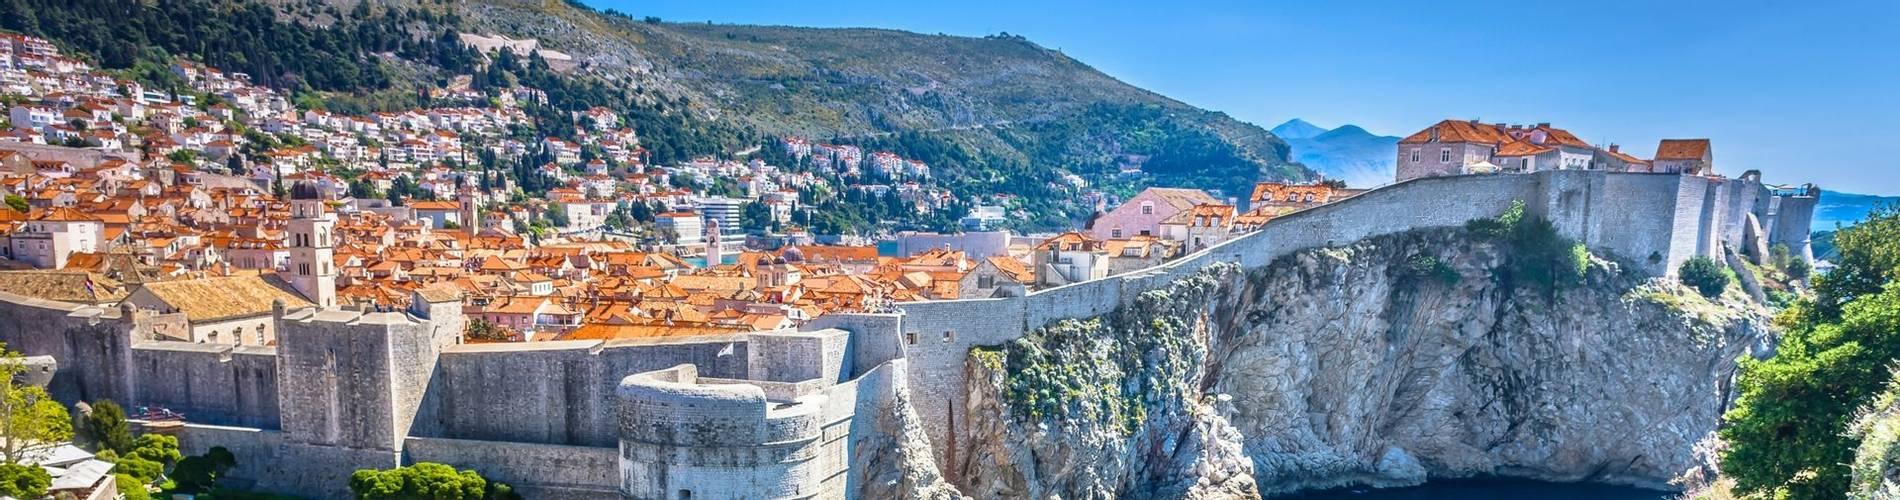 Dubrovnik Old Town, Croatia.jpg